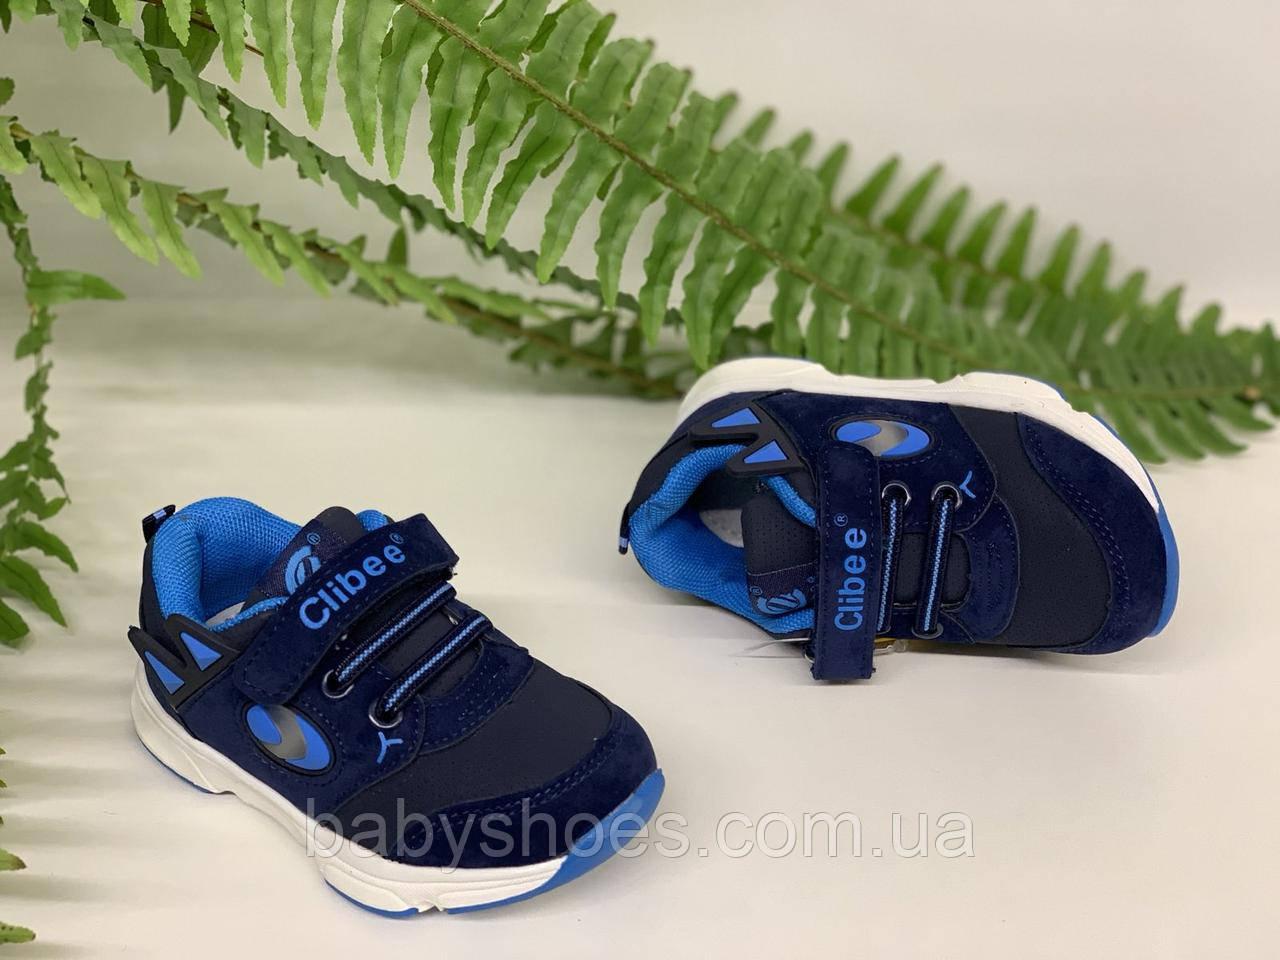 Кроссовки для мальчика Clibee Польша р.21, 24  КМ-414